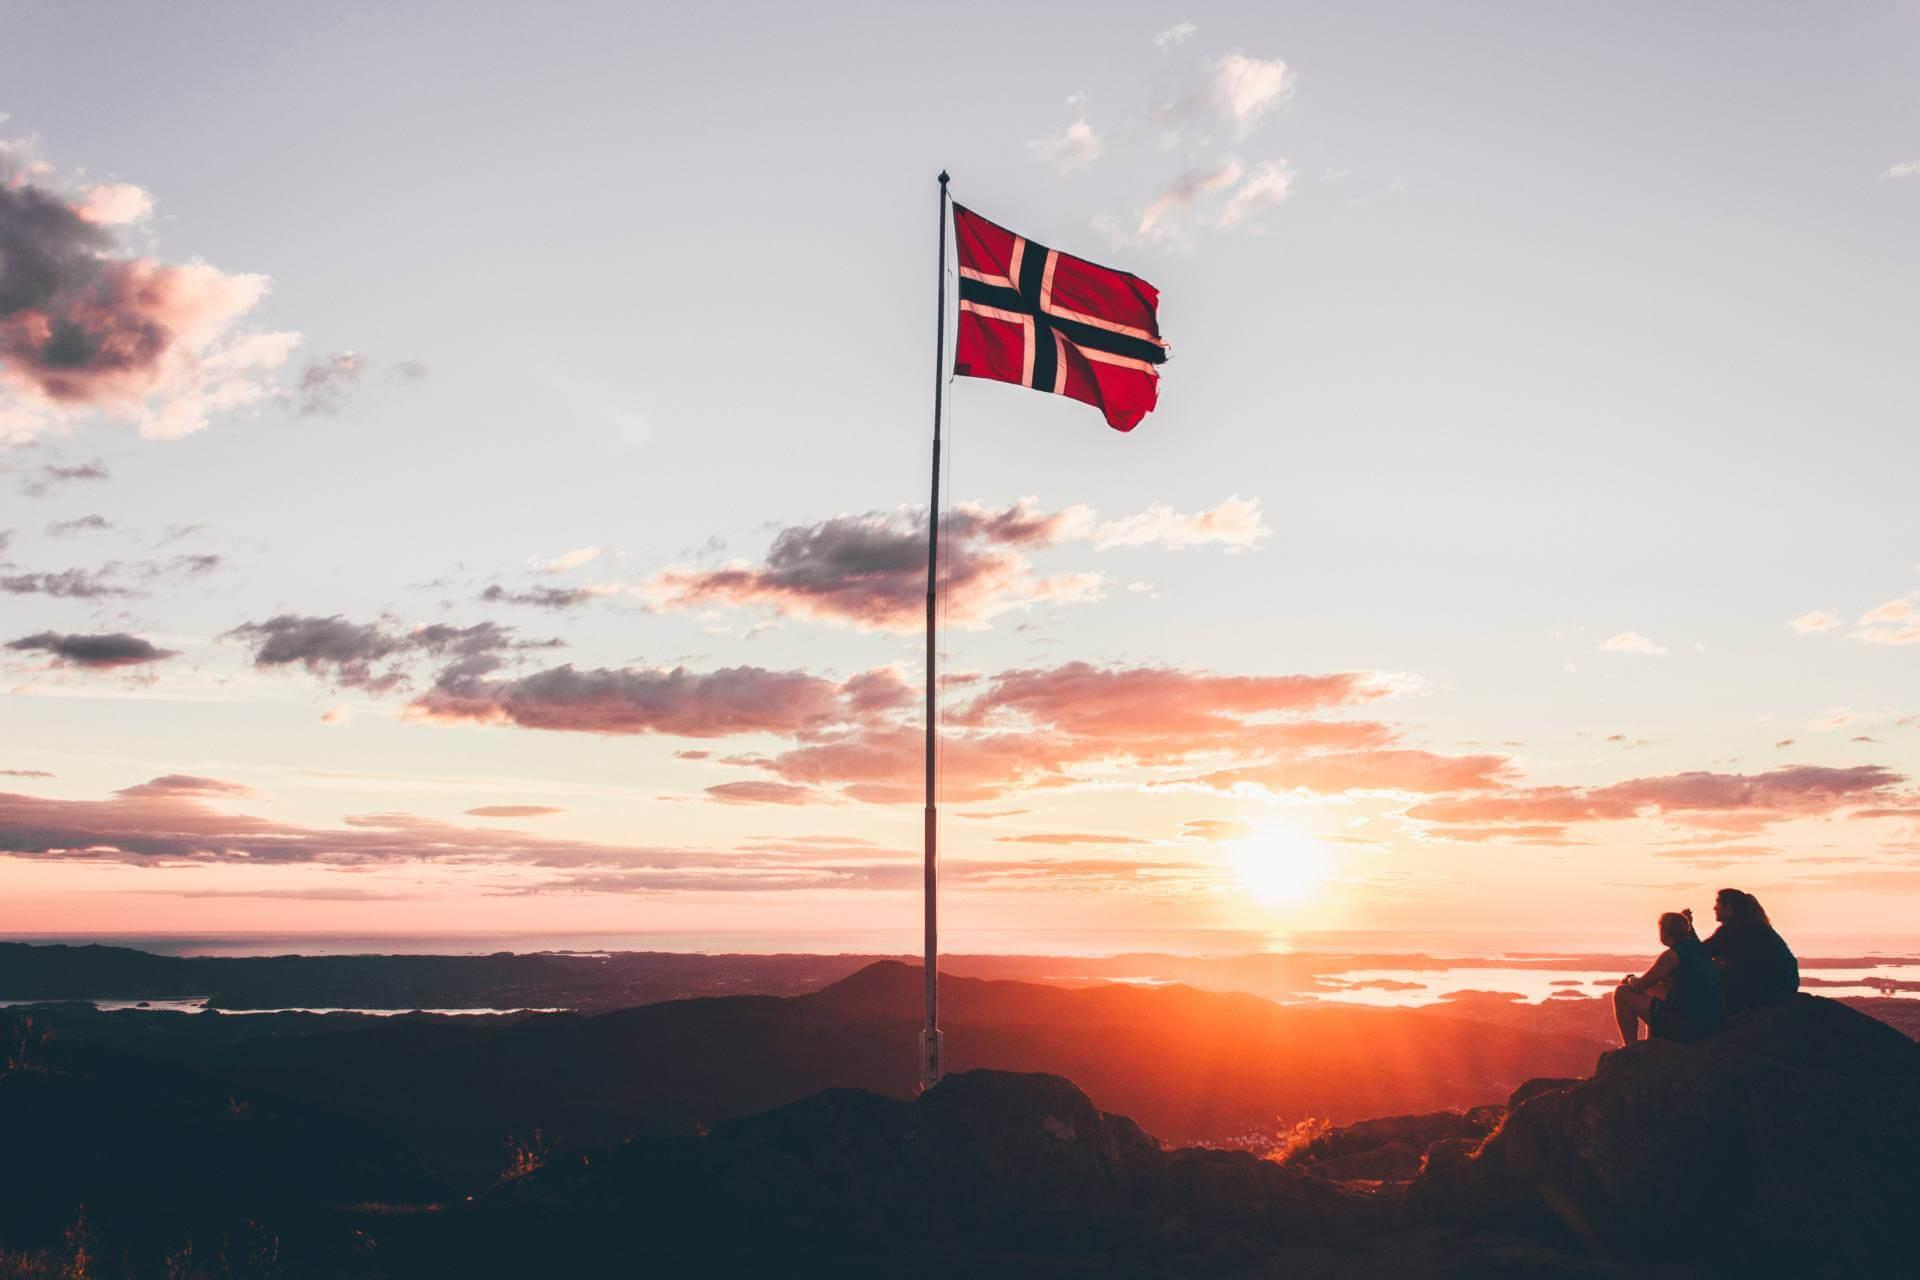 Norwegian flag on a mountain.